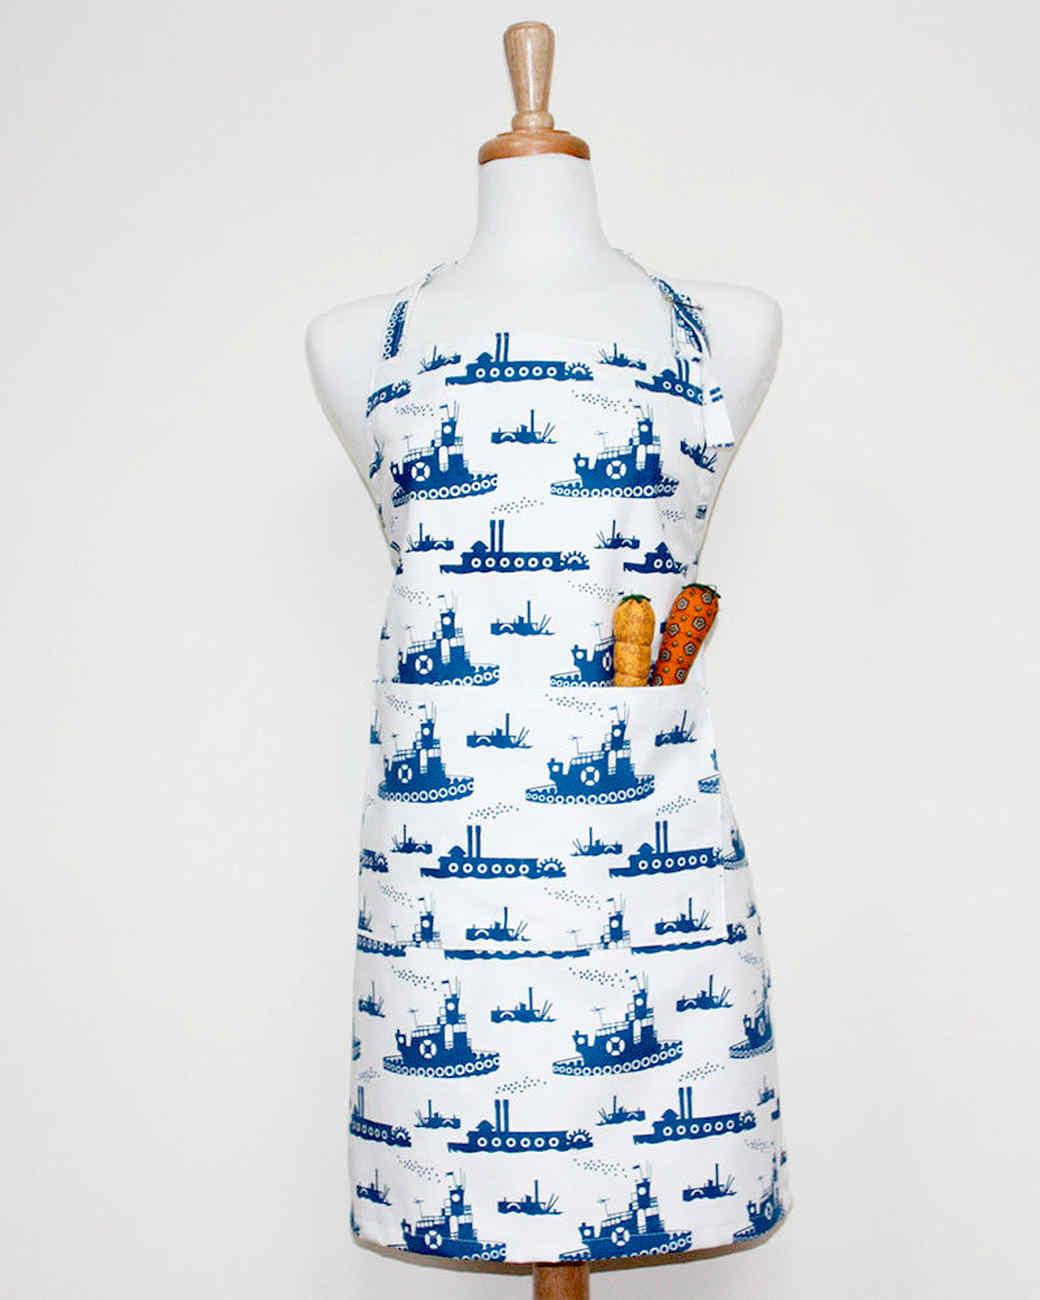 foxy-winston-organic-cotton-adult-apron-boat-pattern-0914.jpg